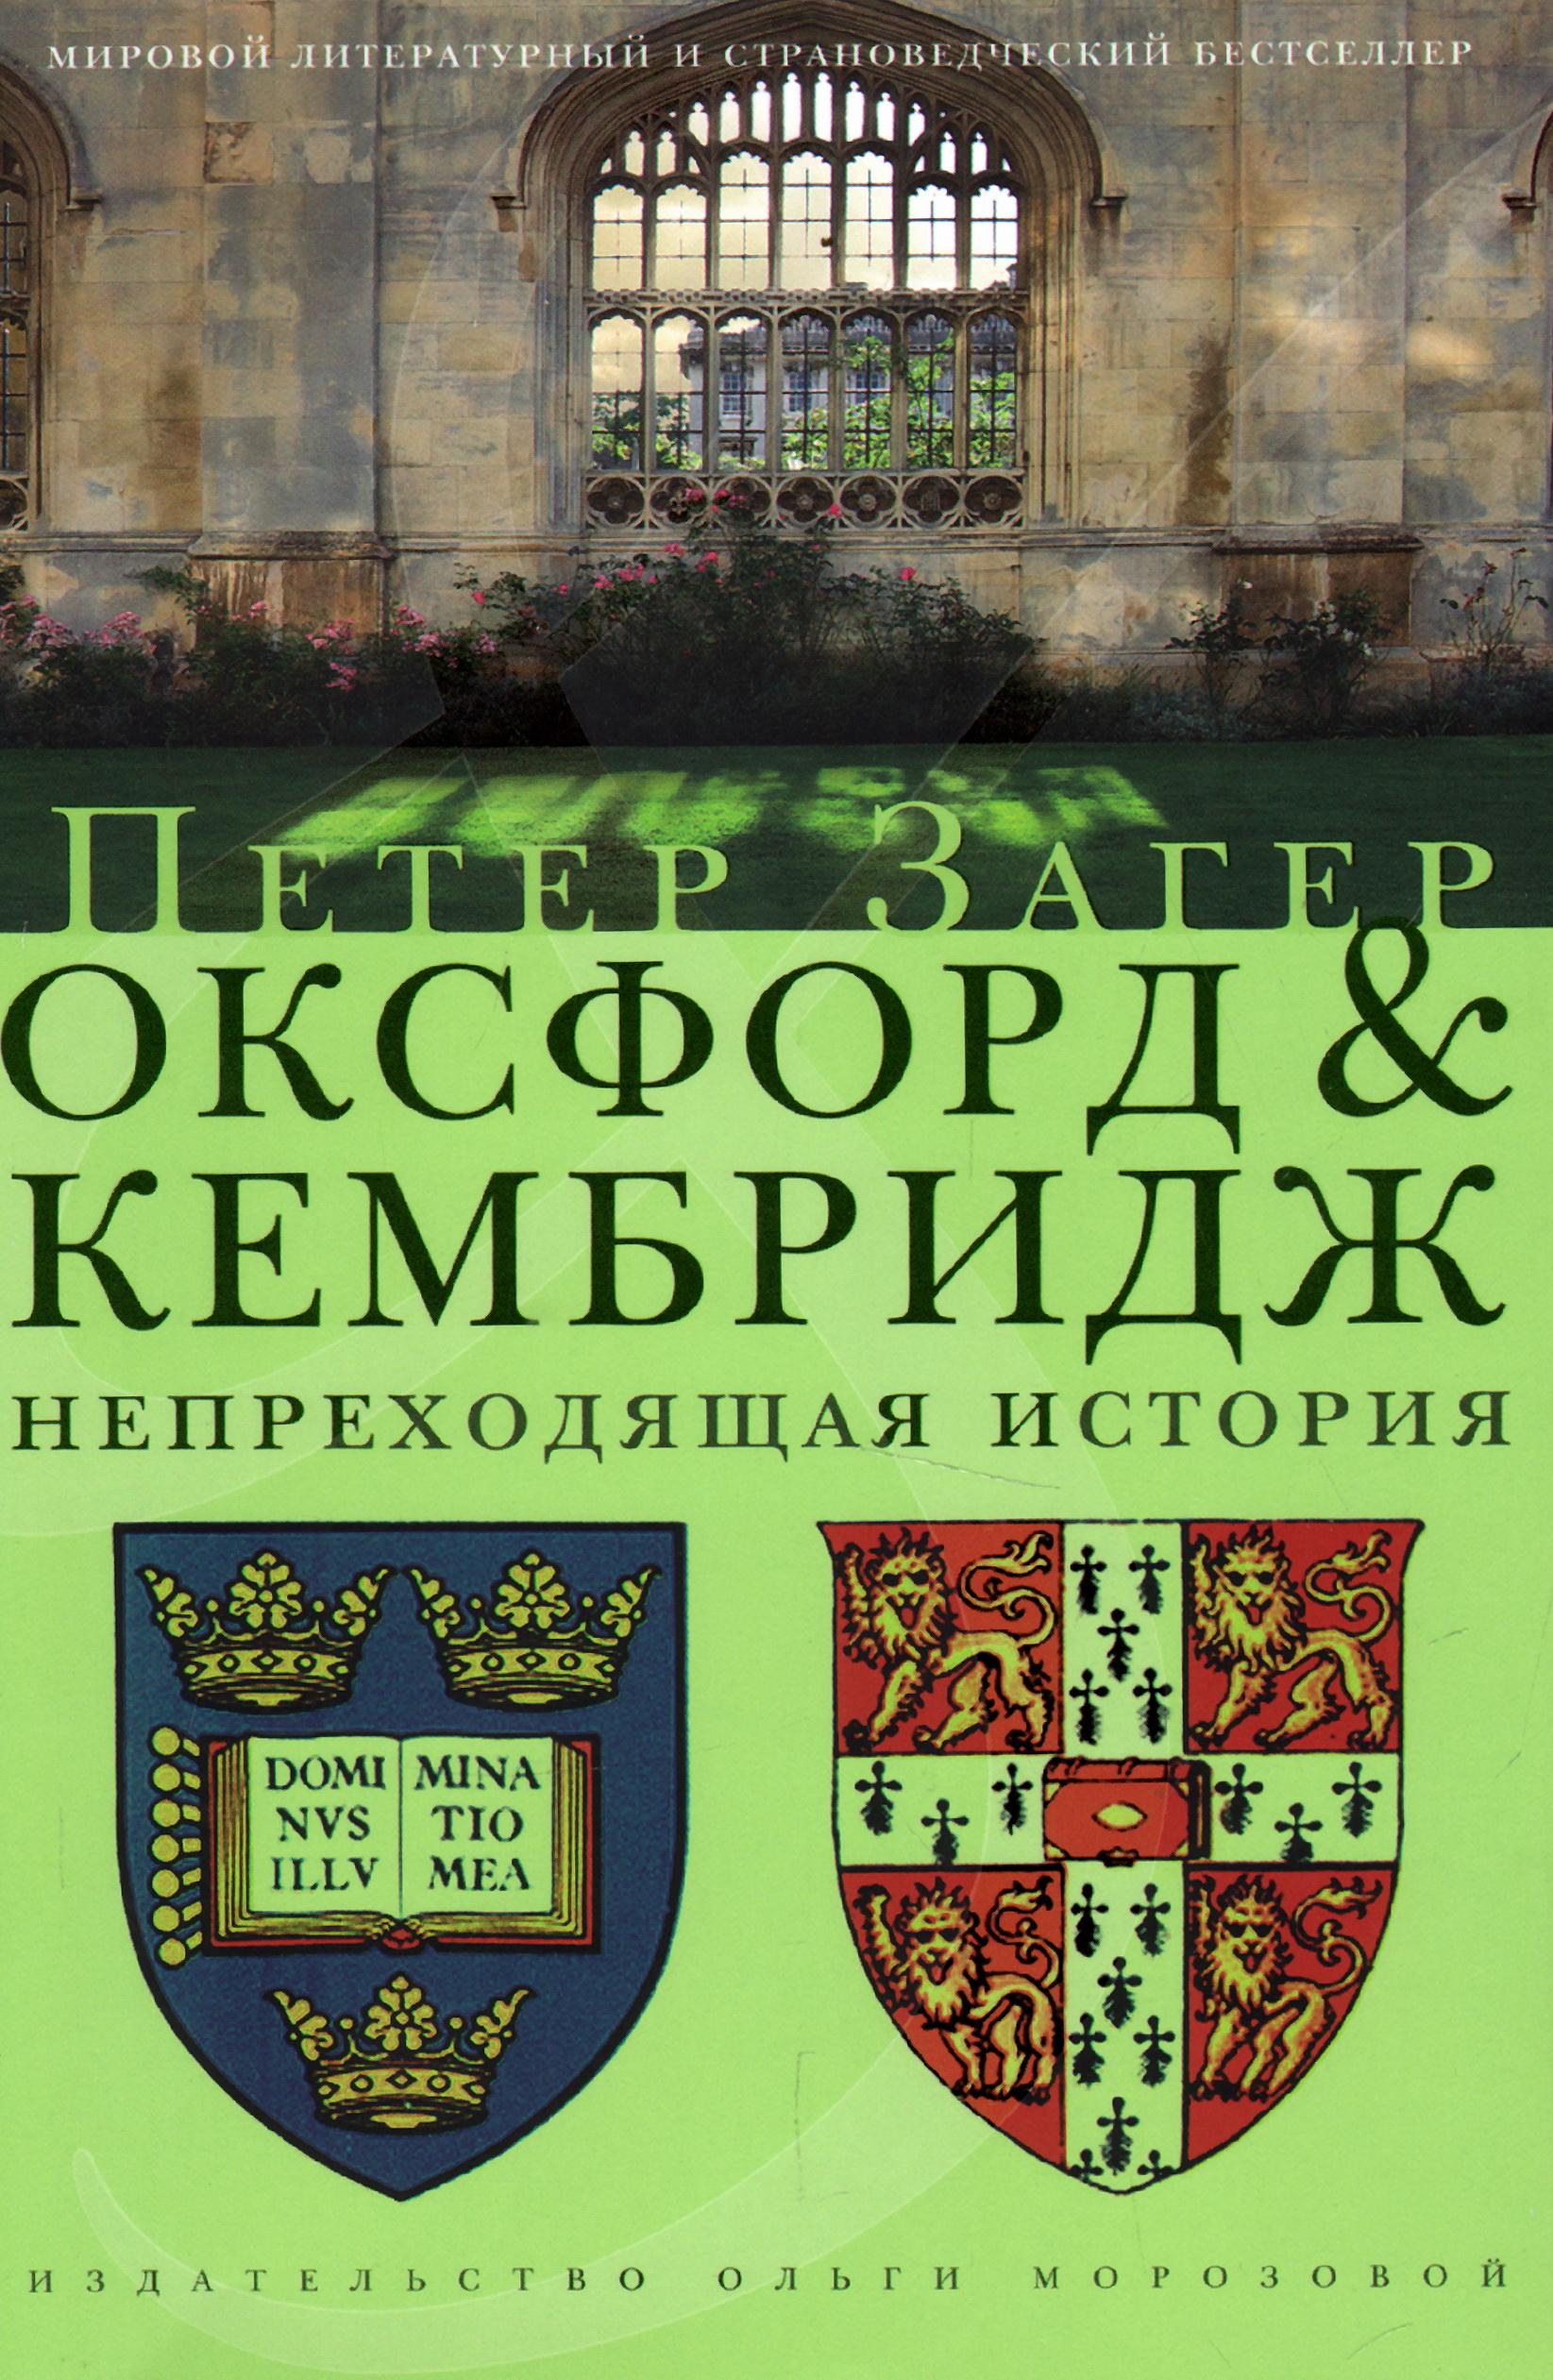 Оксфорд и Кембридж. Непреходящая история+с/о. Загер П. Издательство Ольги Морозовой